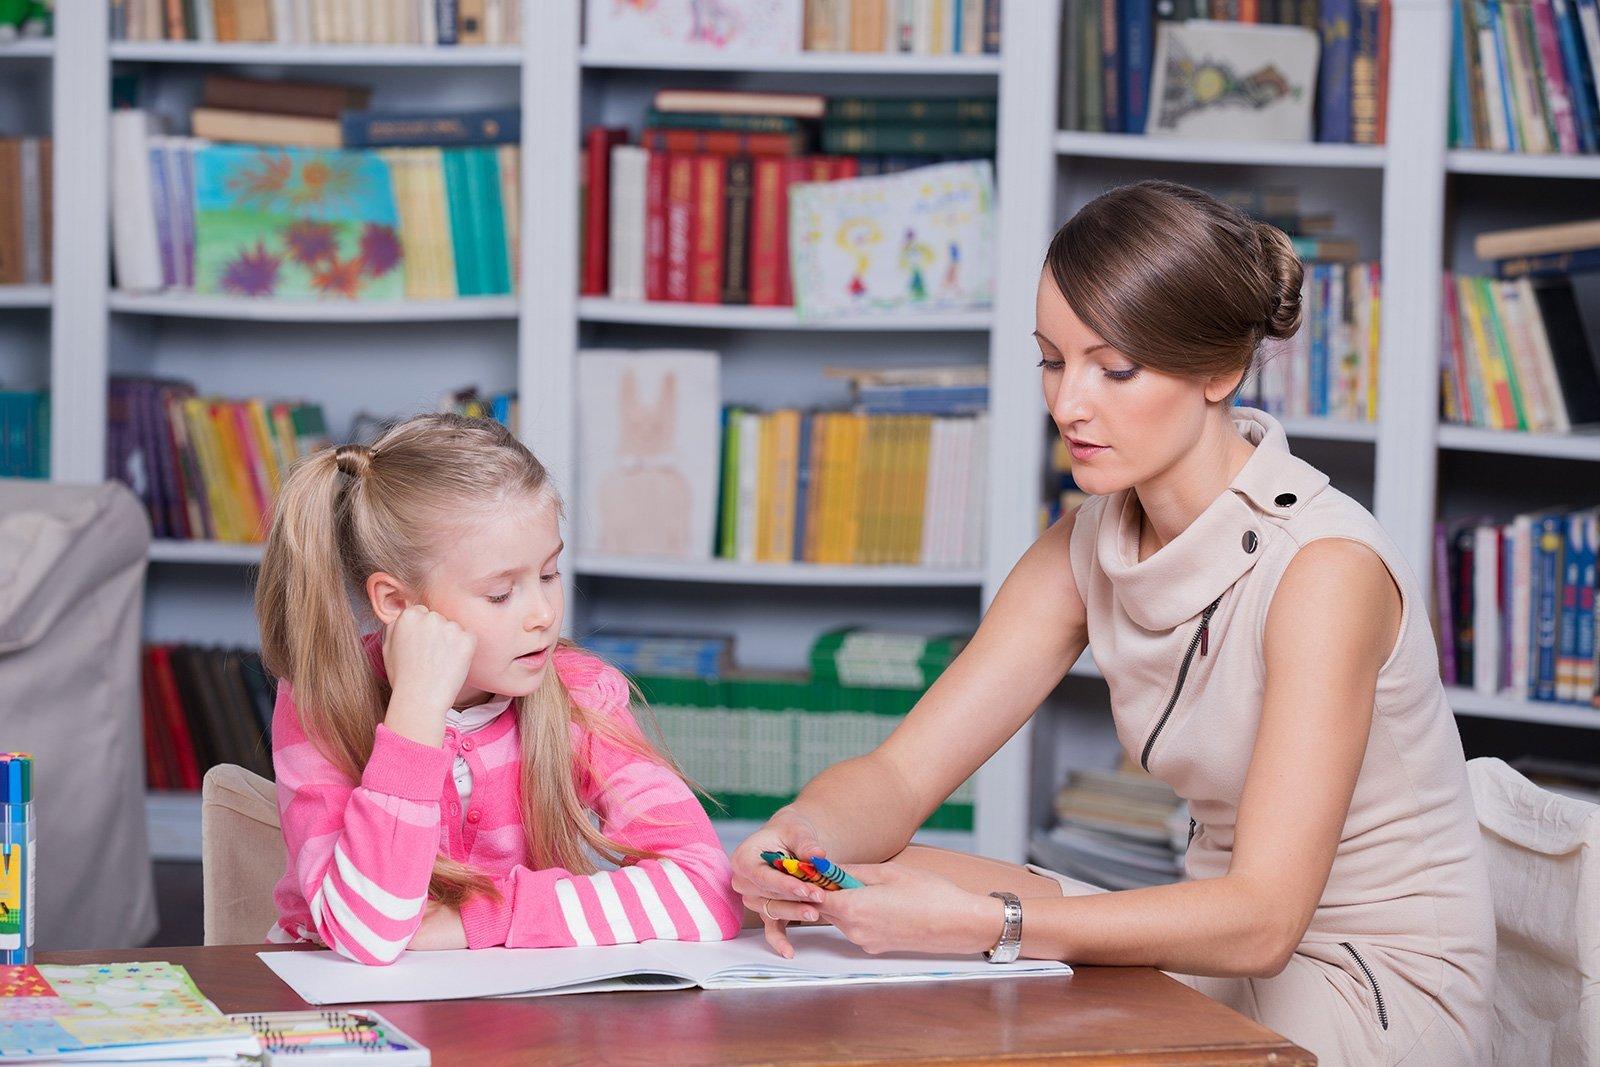 difficoltà scolastiche in adolescenza